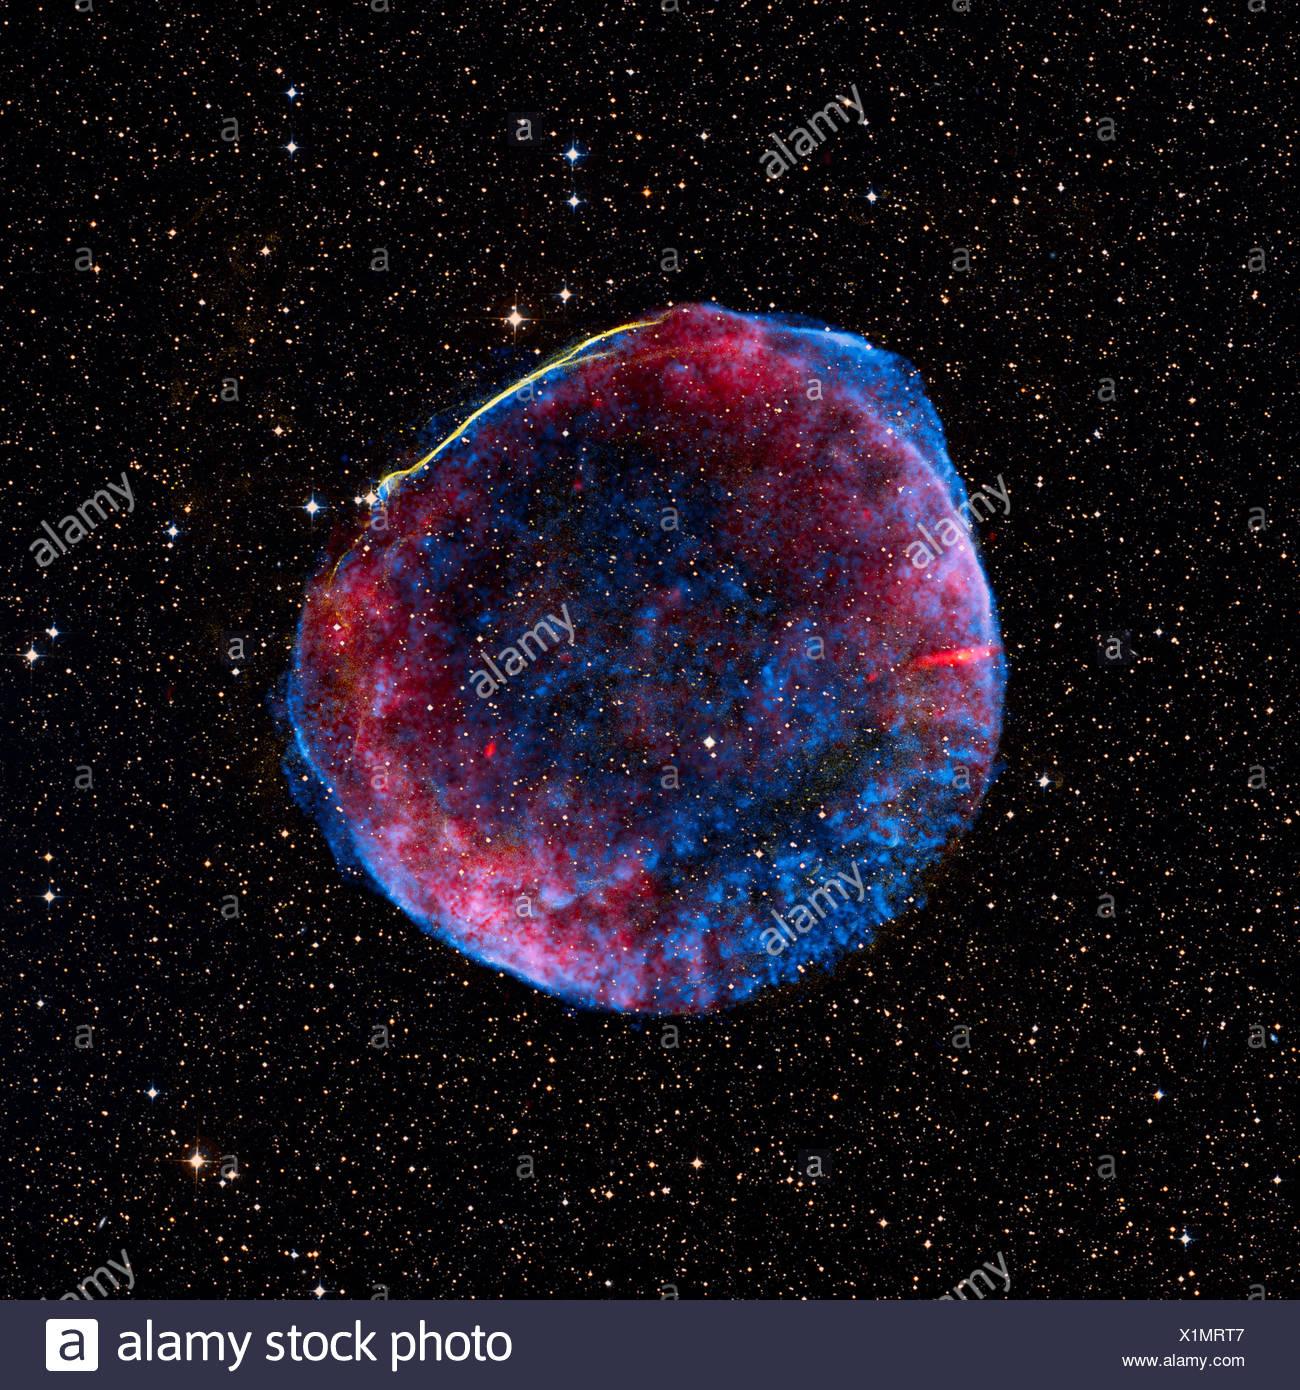 Una imagen compuesta de los remanentes de supernova SN 1006, que se encuentra a unos 7000 años luz de la tierra Imagen De Stock